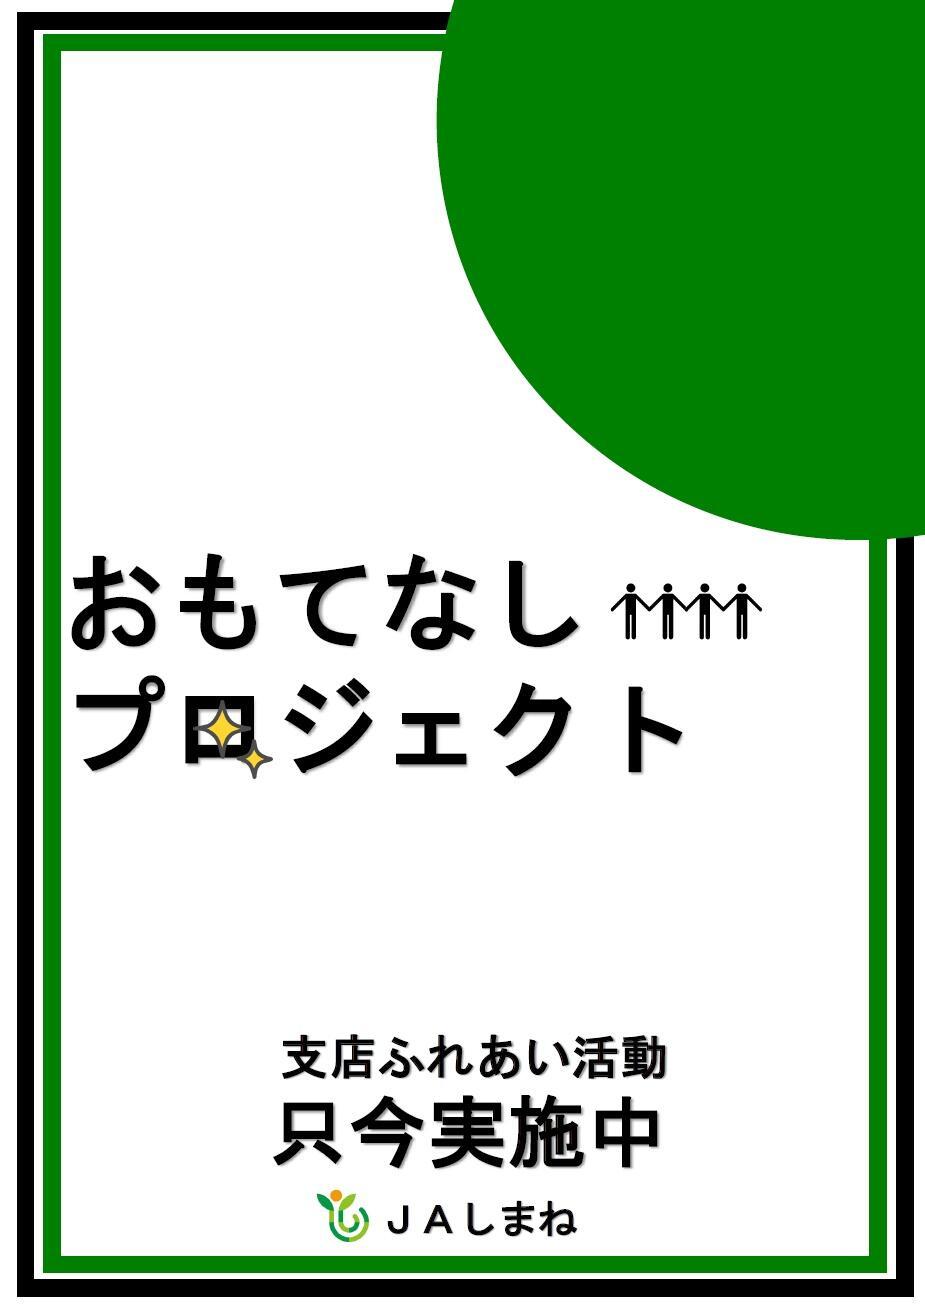 https://ja-shimane.jp/joseibu/uploads/027a59bb7e62238972976763d519a5d0a093fbd0.jpg